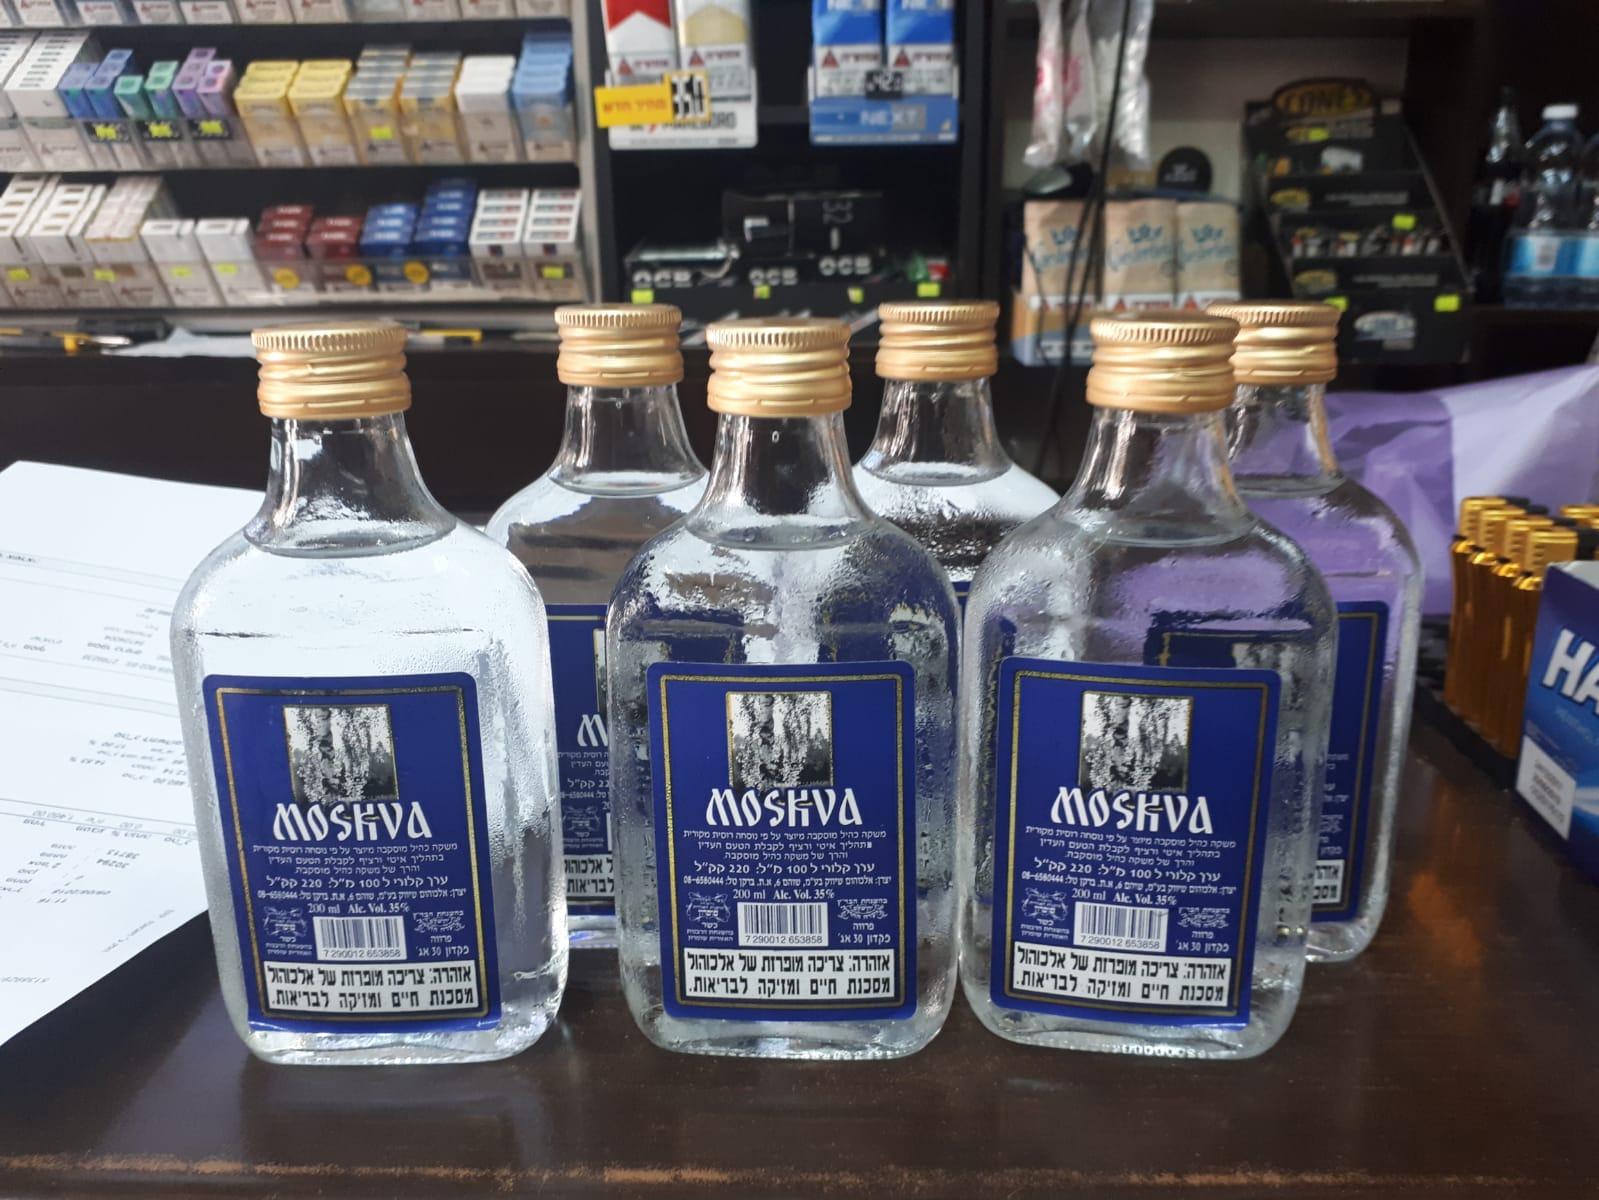 Photo of 1900 בקבוקים של אלכוהול מזויף נתפסו והושמדו על ידי המשטרה בחנות ברחוב בלפור בבת-ים. מהווים סכנה לבריאות הציבור